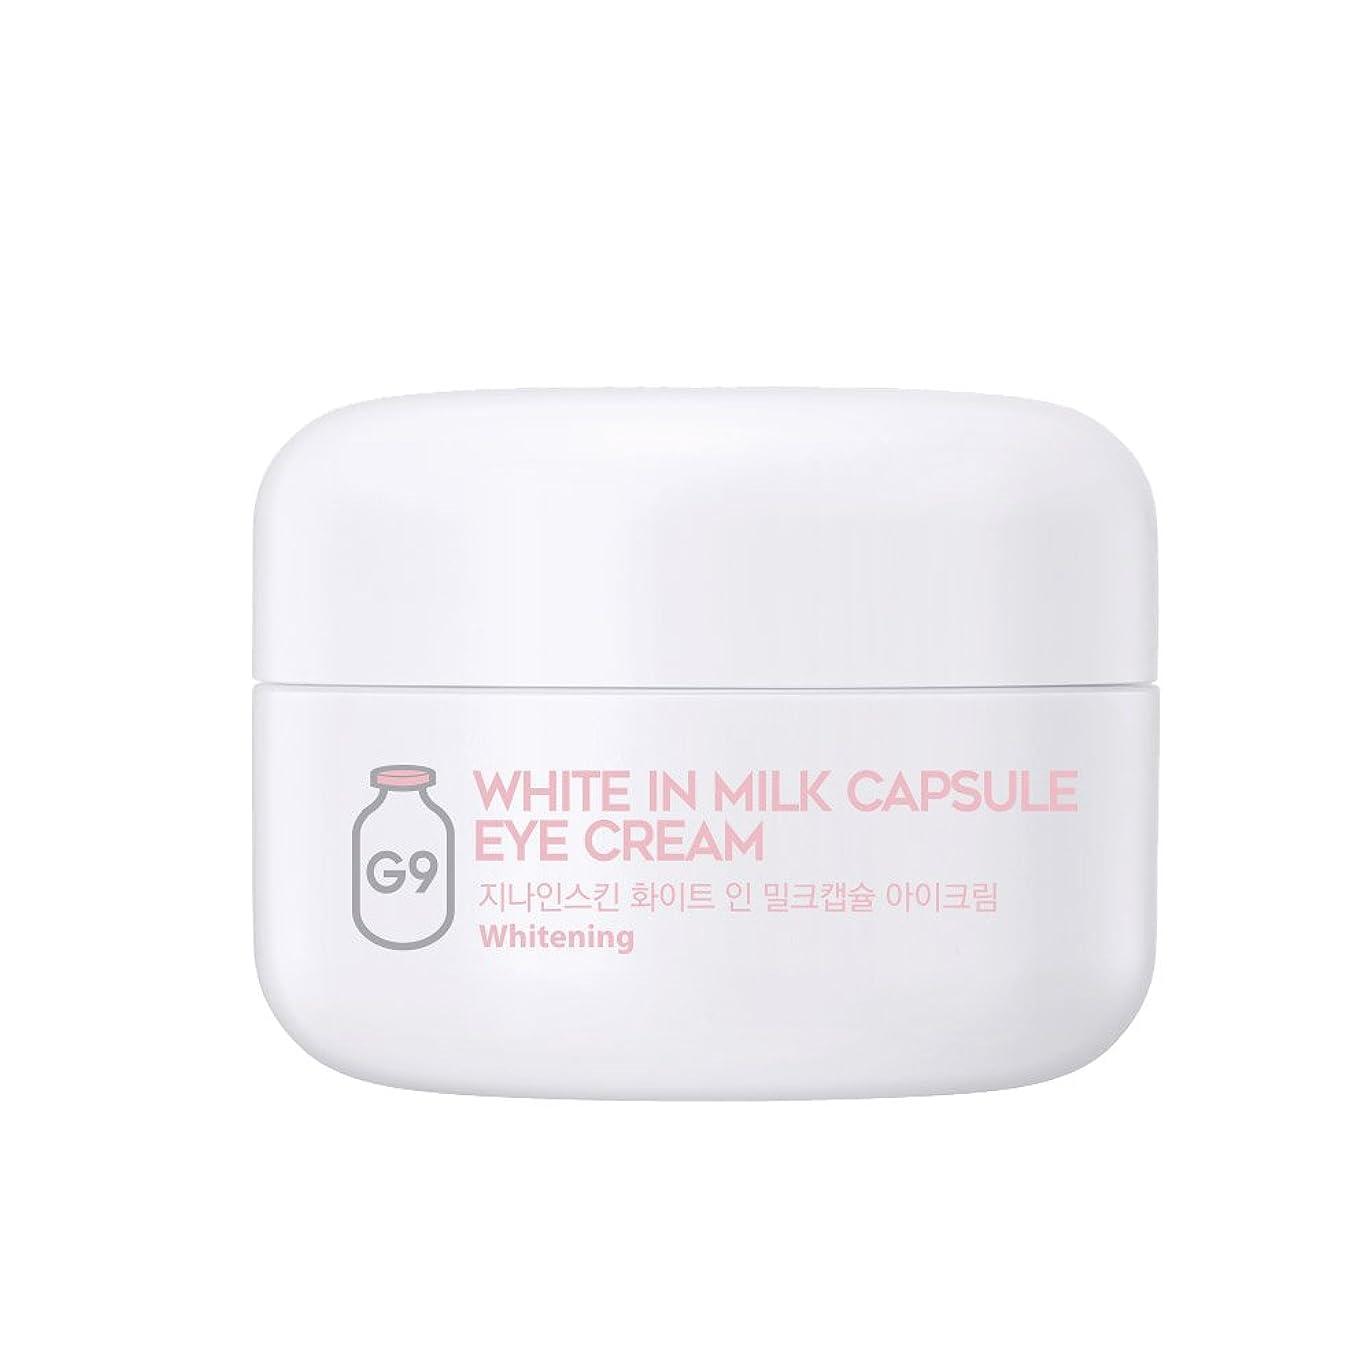 アグネスグレイ作動する解説G9SKIN(ベリサム) White In Milk Capsule Eye Cream ホワイトインミルクカプセルアイクリーム 30g